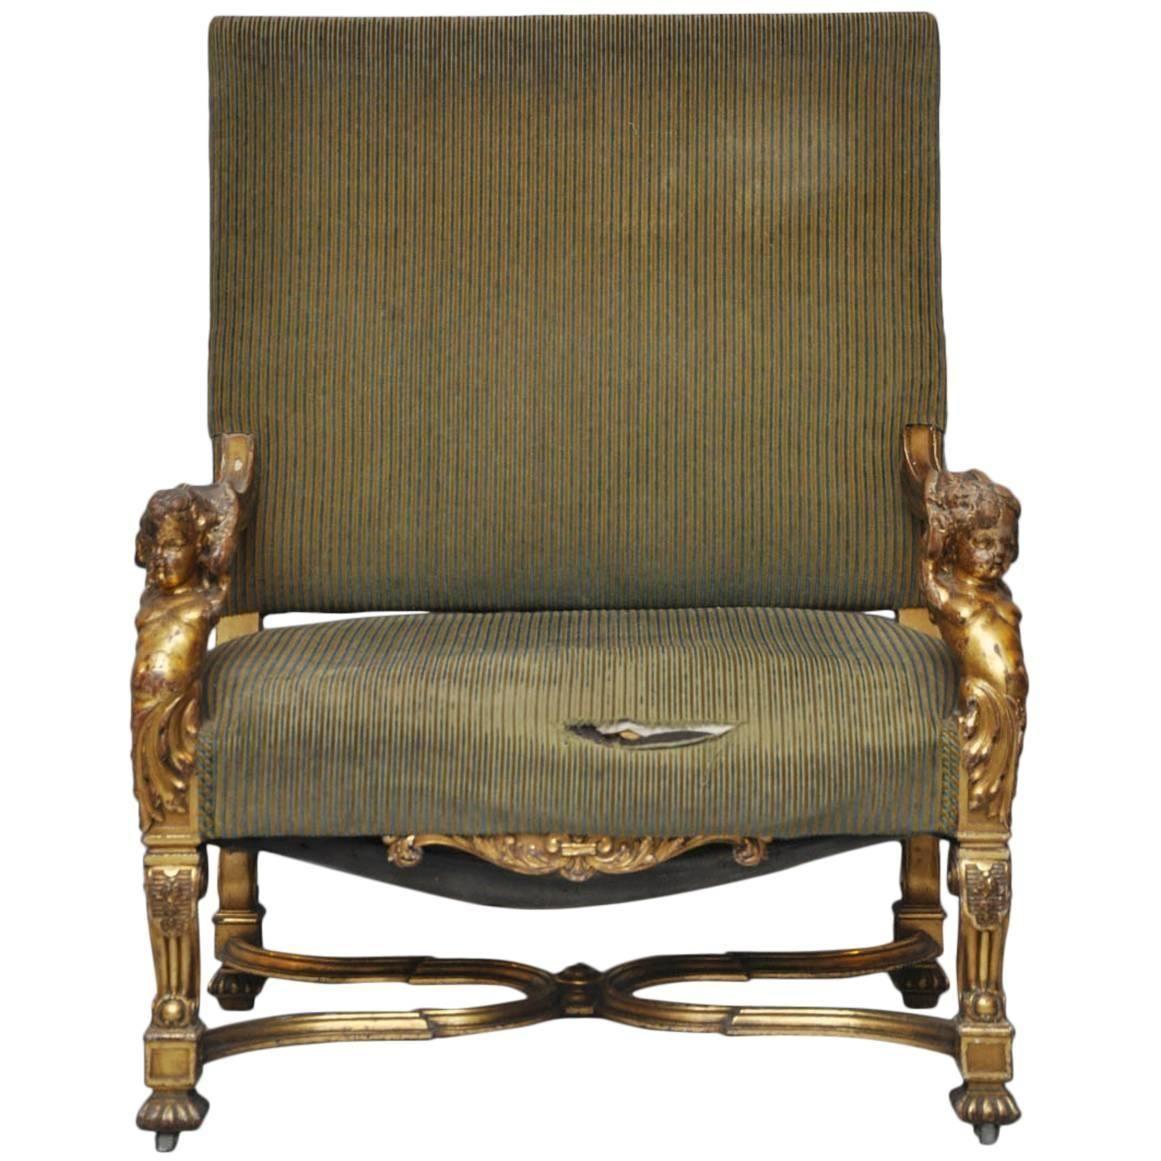 Italian Louis XIV Style Putti Gilt Chair  10stdibs.com  Chair